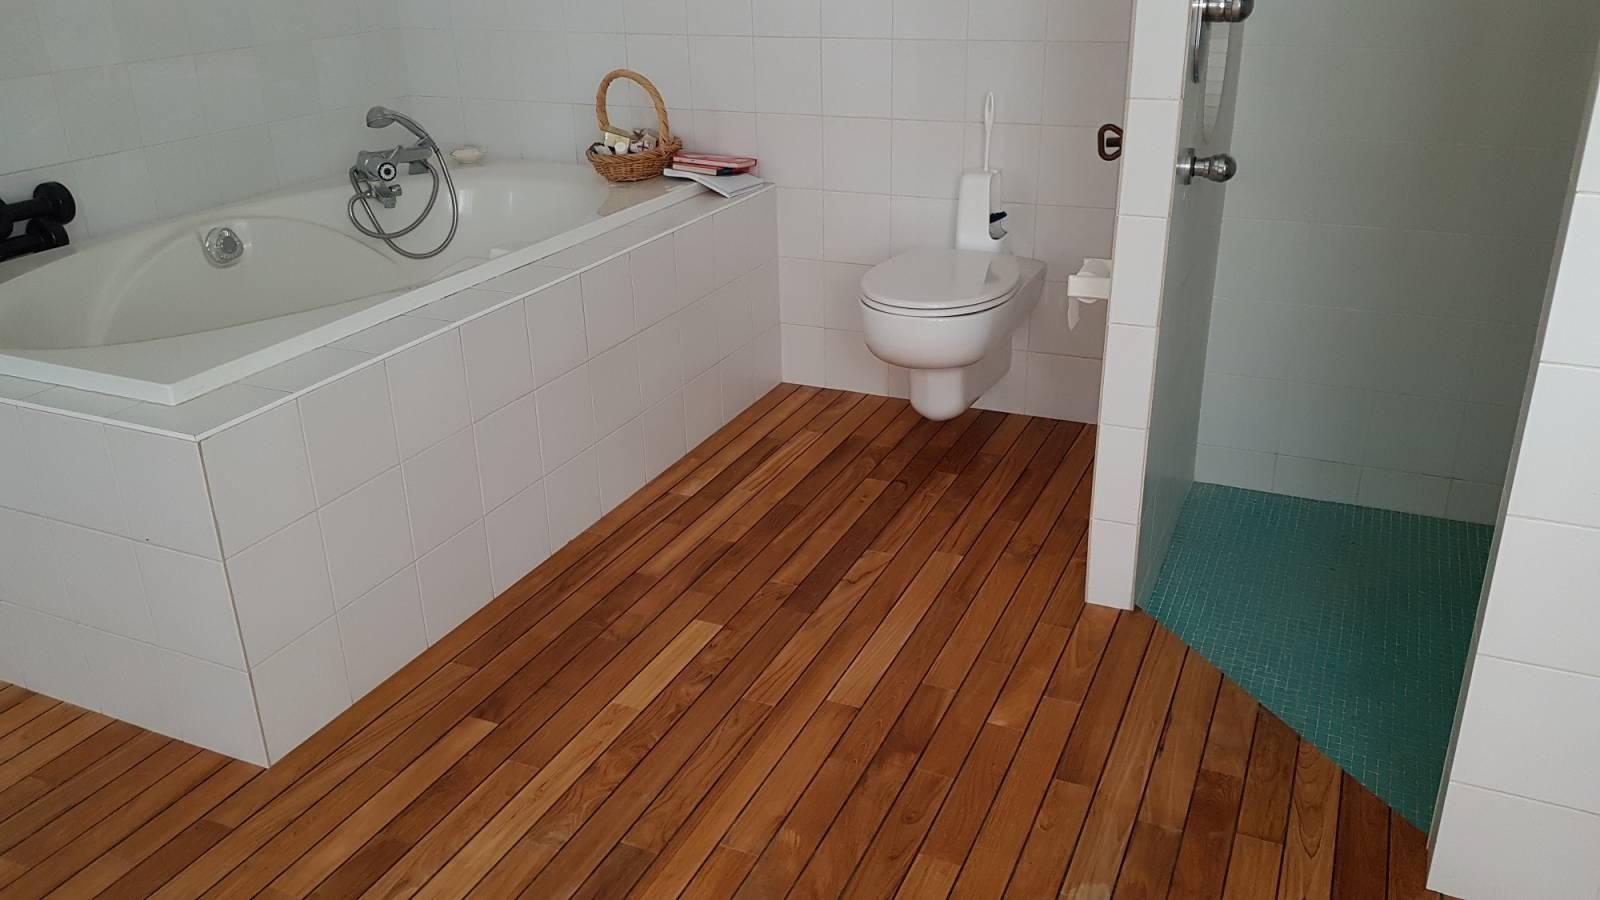 Pose et rénovation de parquet en bois, intérieur et extérieur